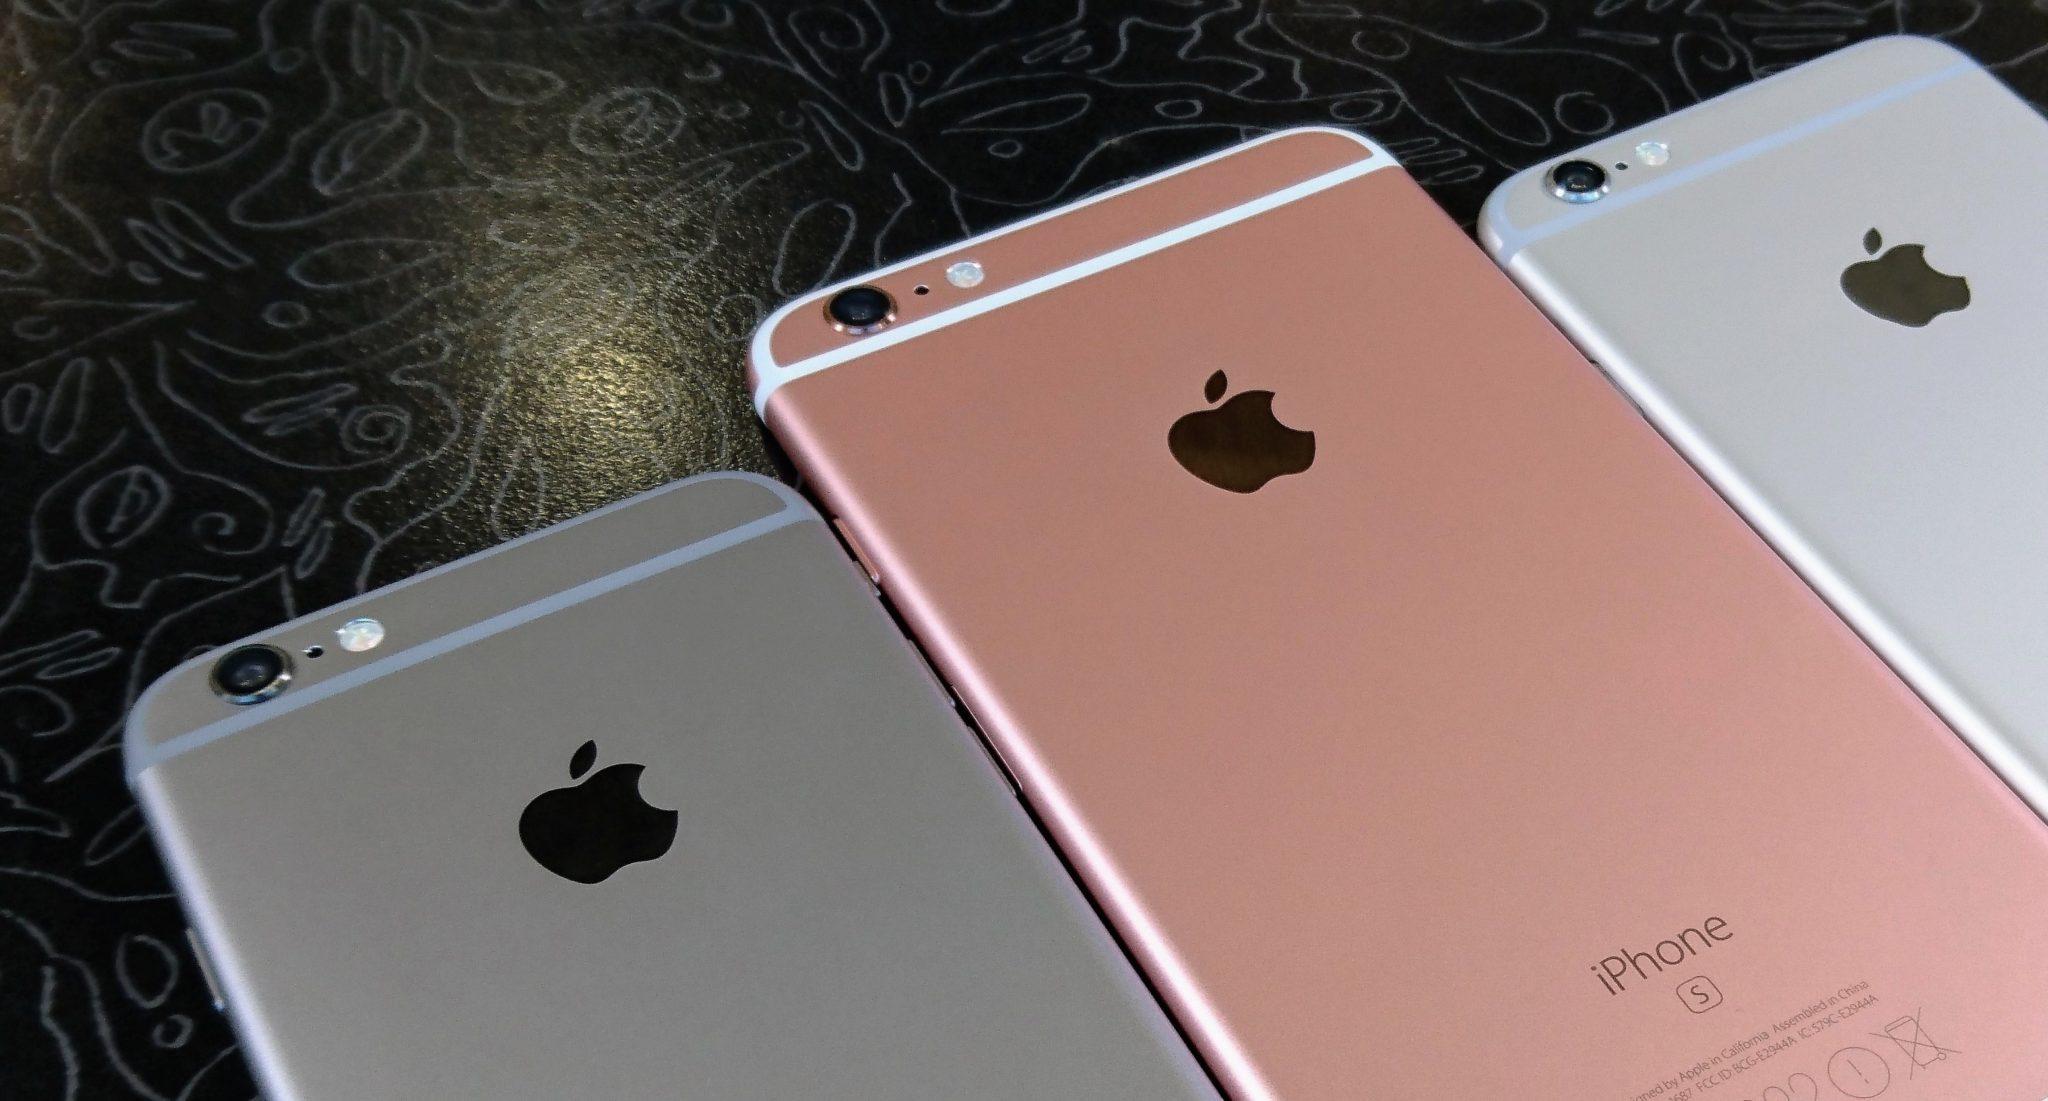 Nadcházející iOS 15 už pravděpodobně nebude podporovat iPhone 6s a SE